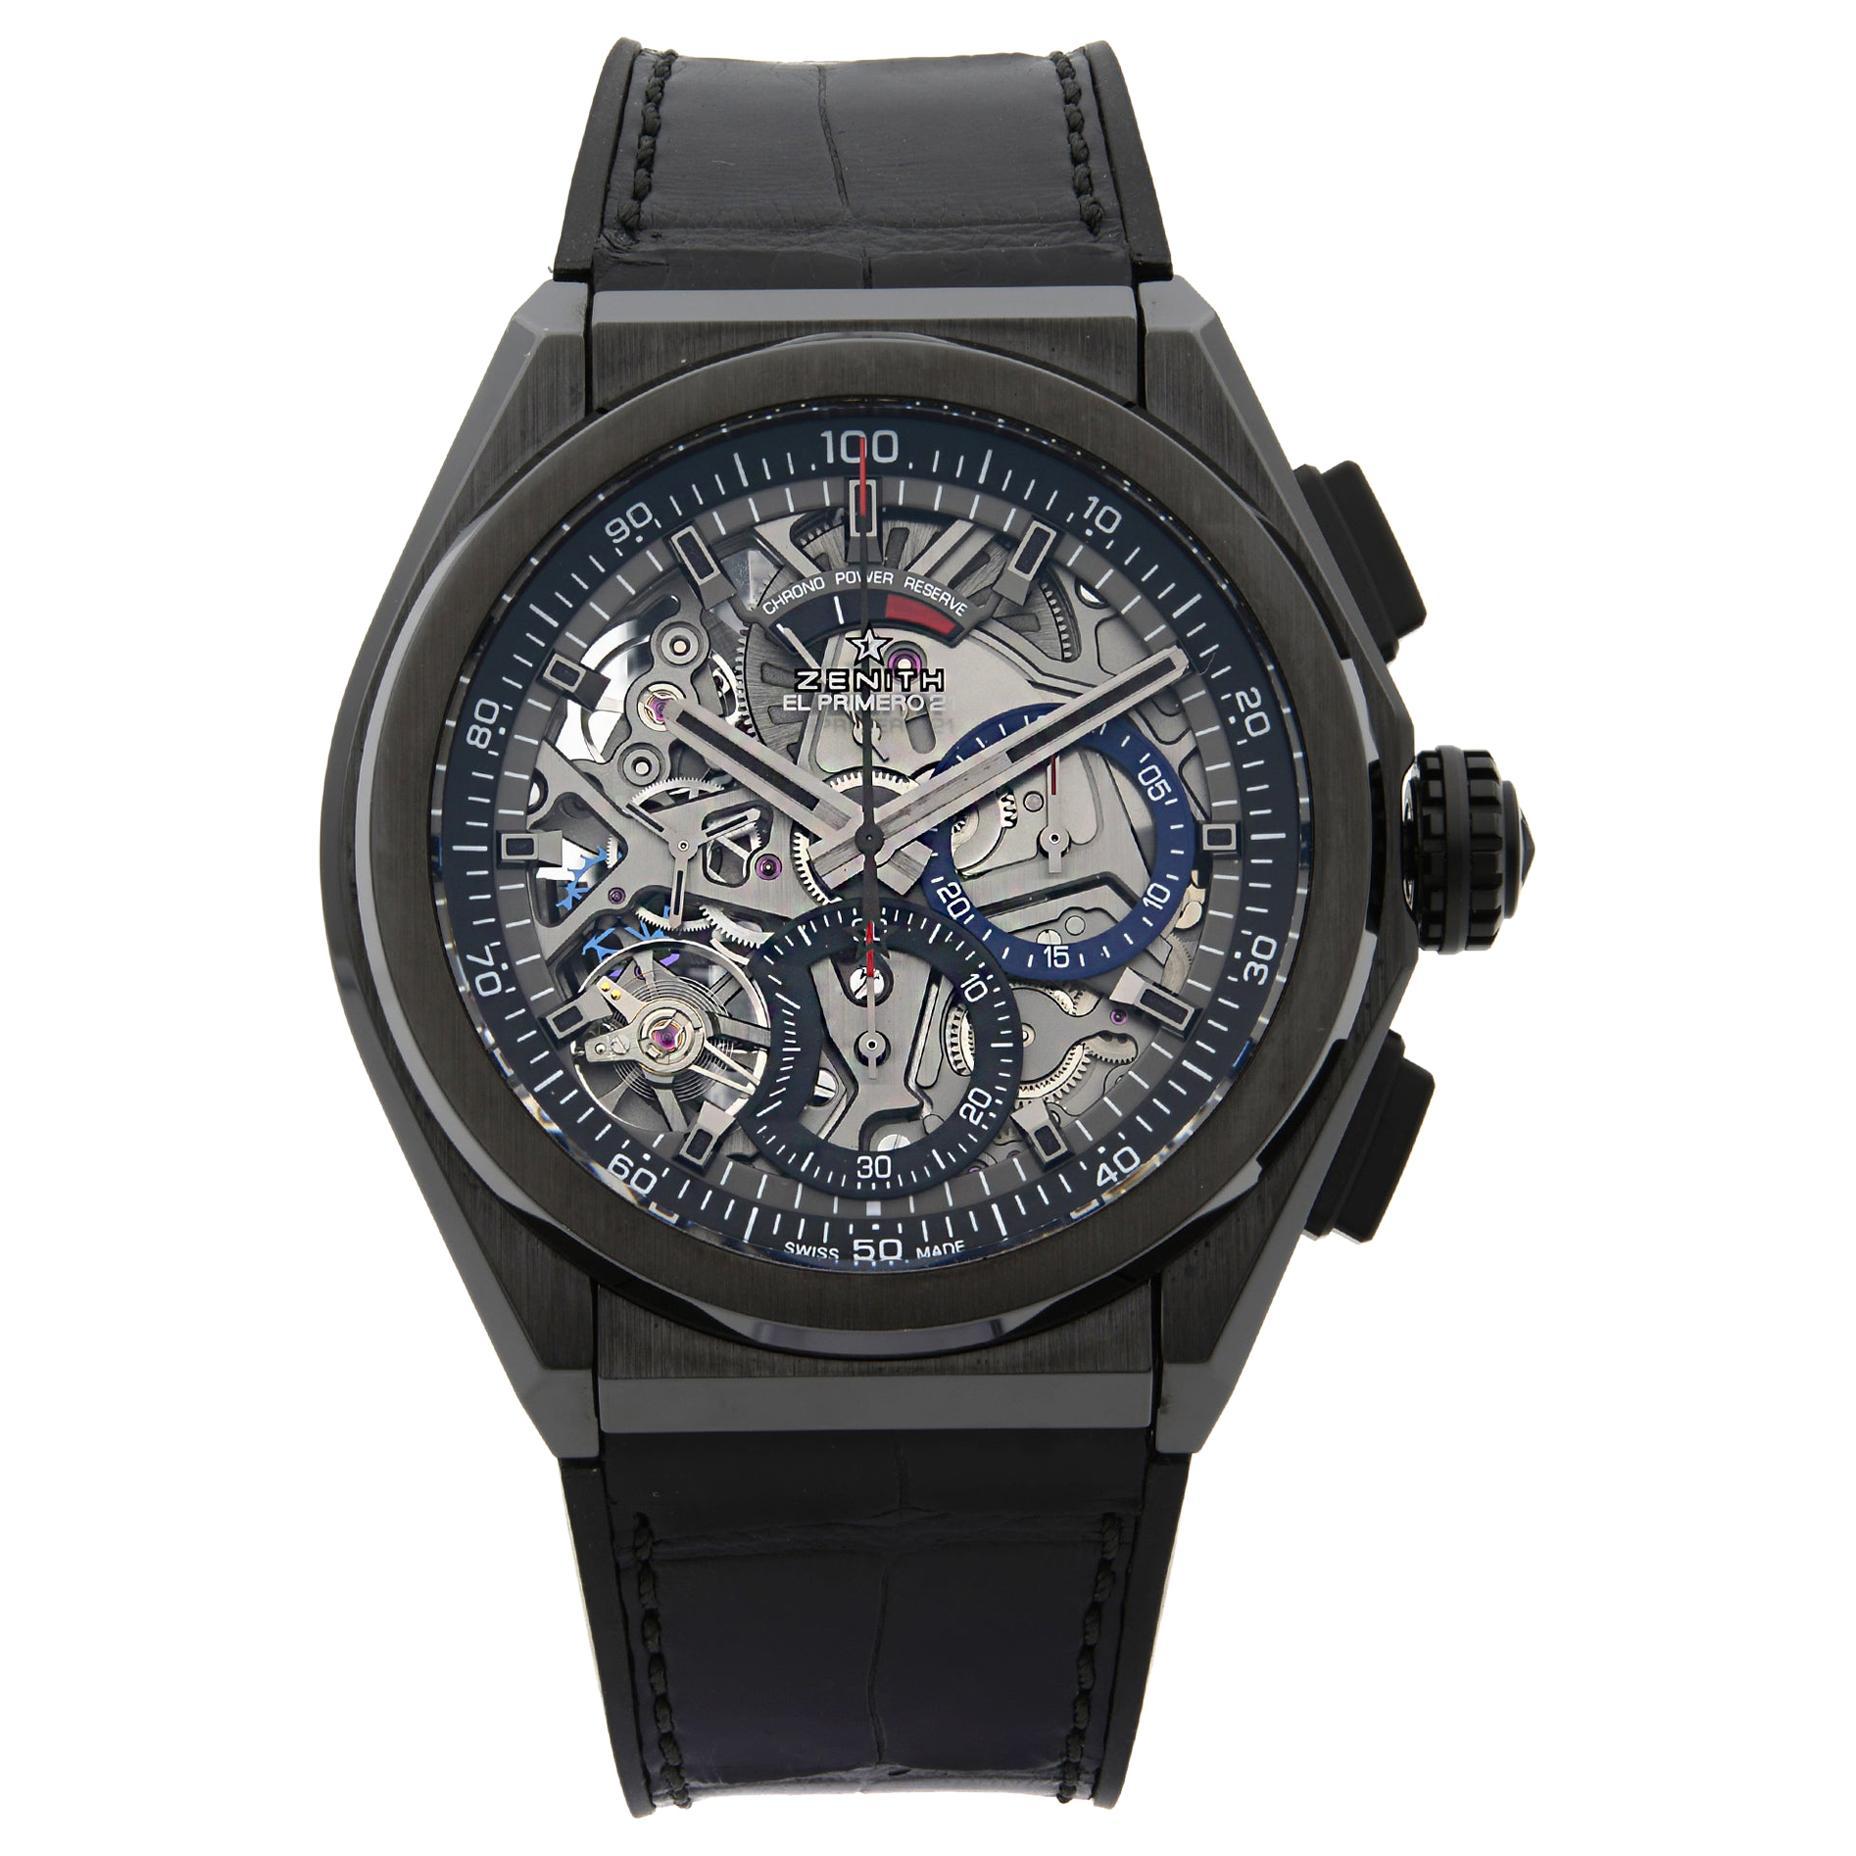 Zenith El Primero 21 Defy Black Ceramic Men's Watch 49.9000.9004/78.R582